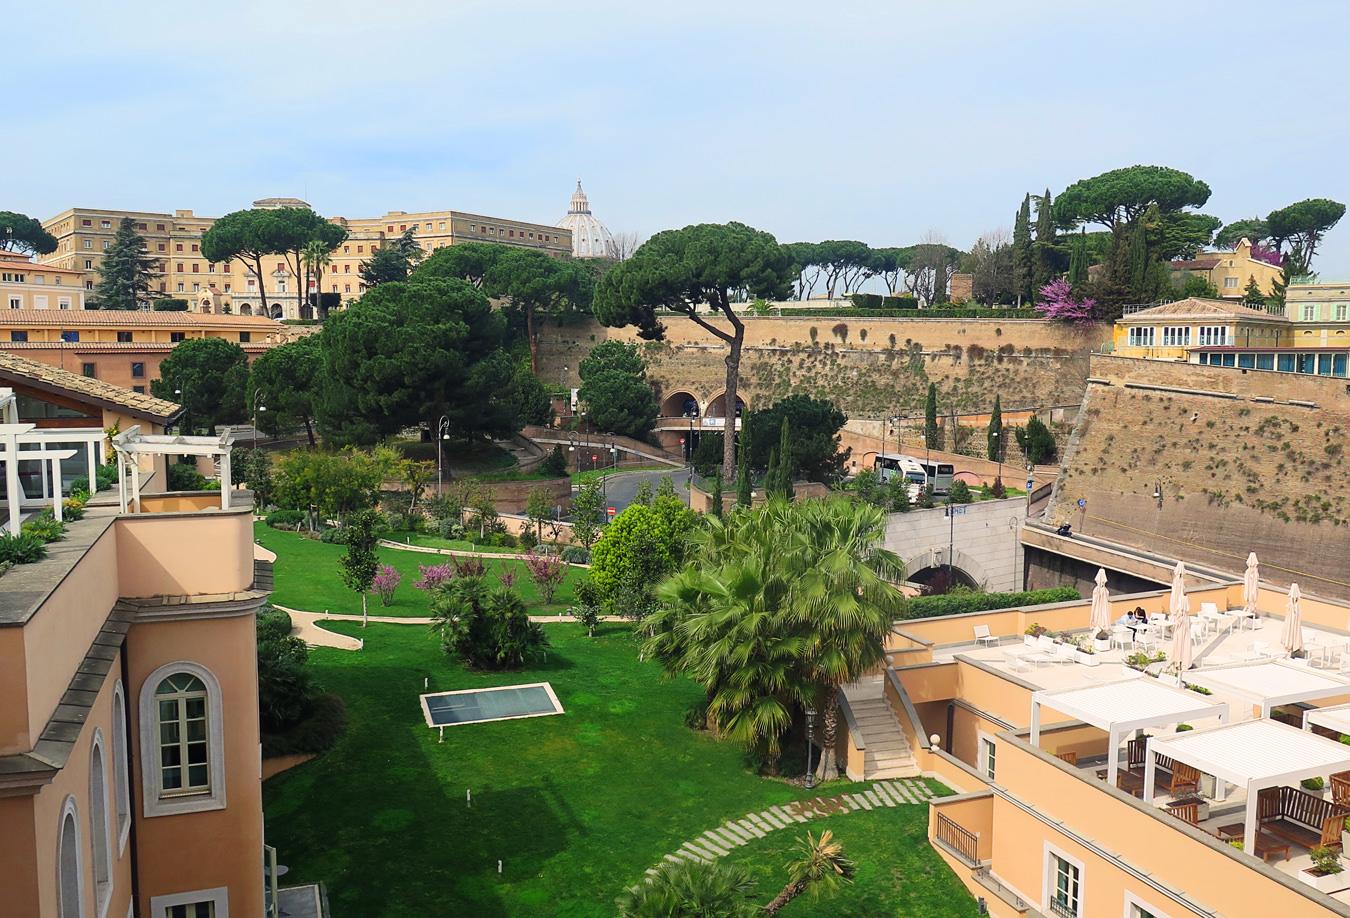 The gran meli hotel rome nuvo for Rome gran melia hotel